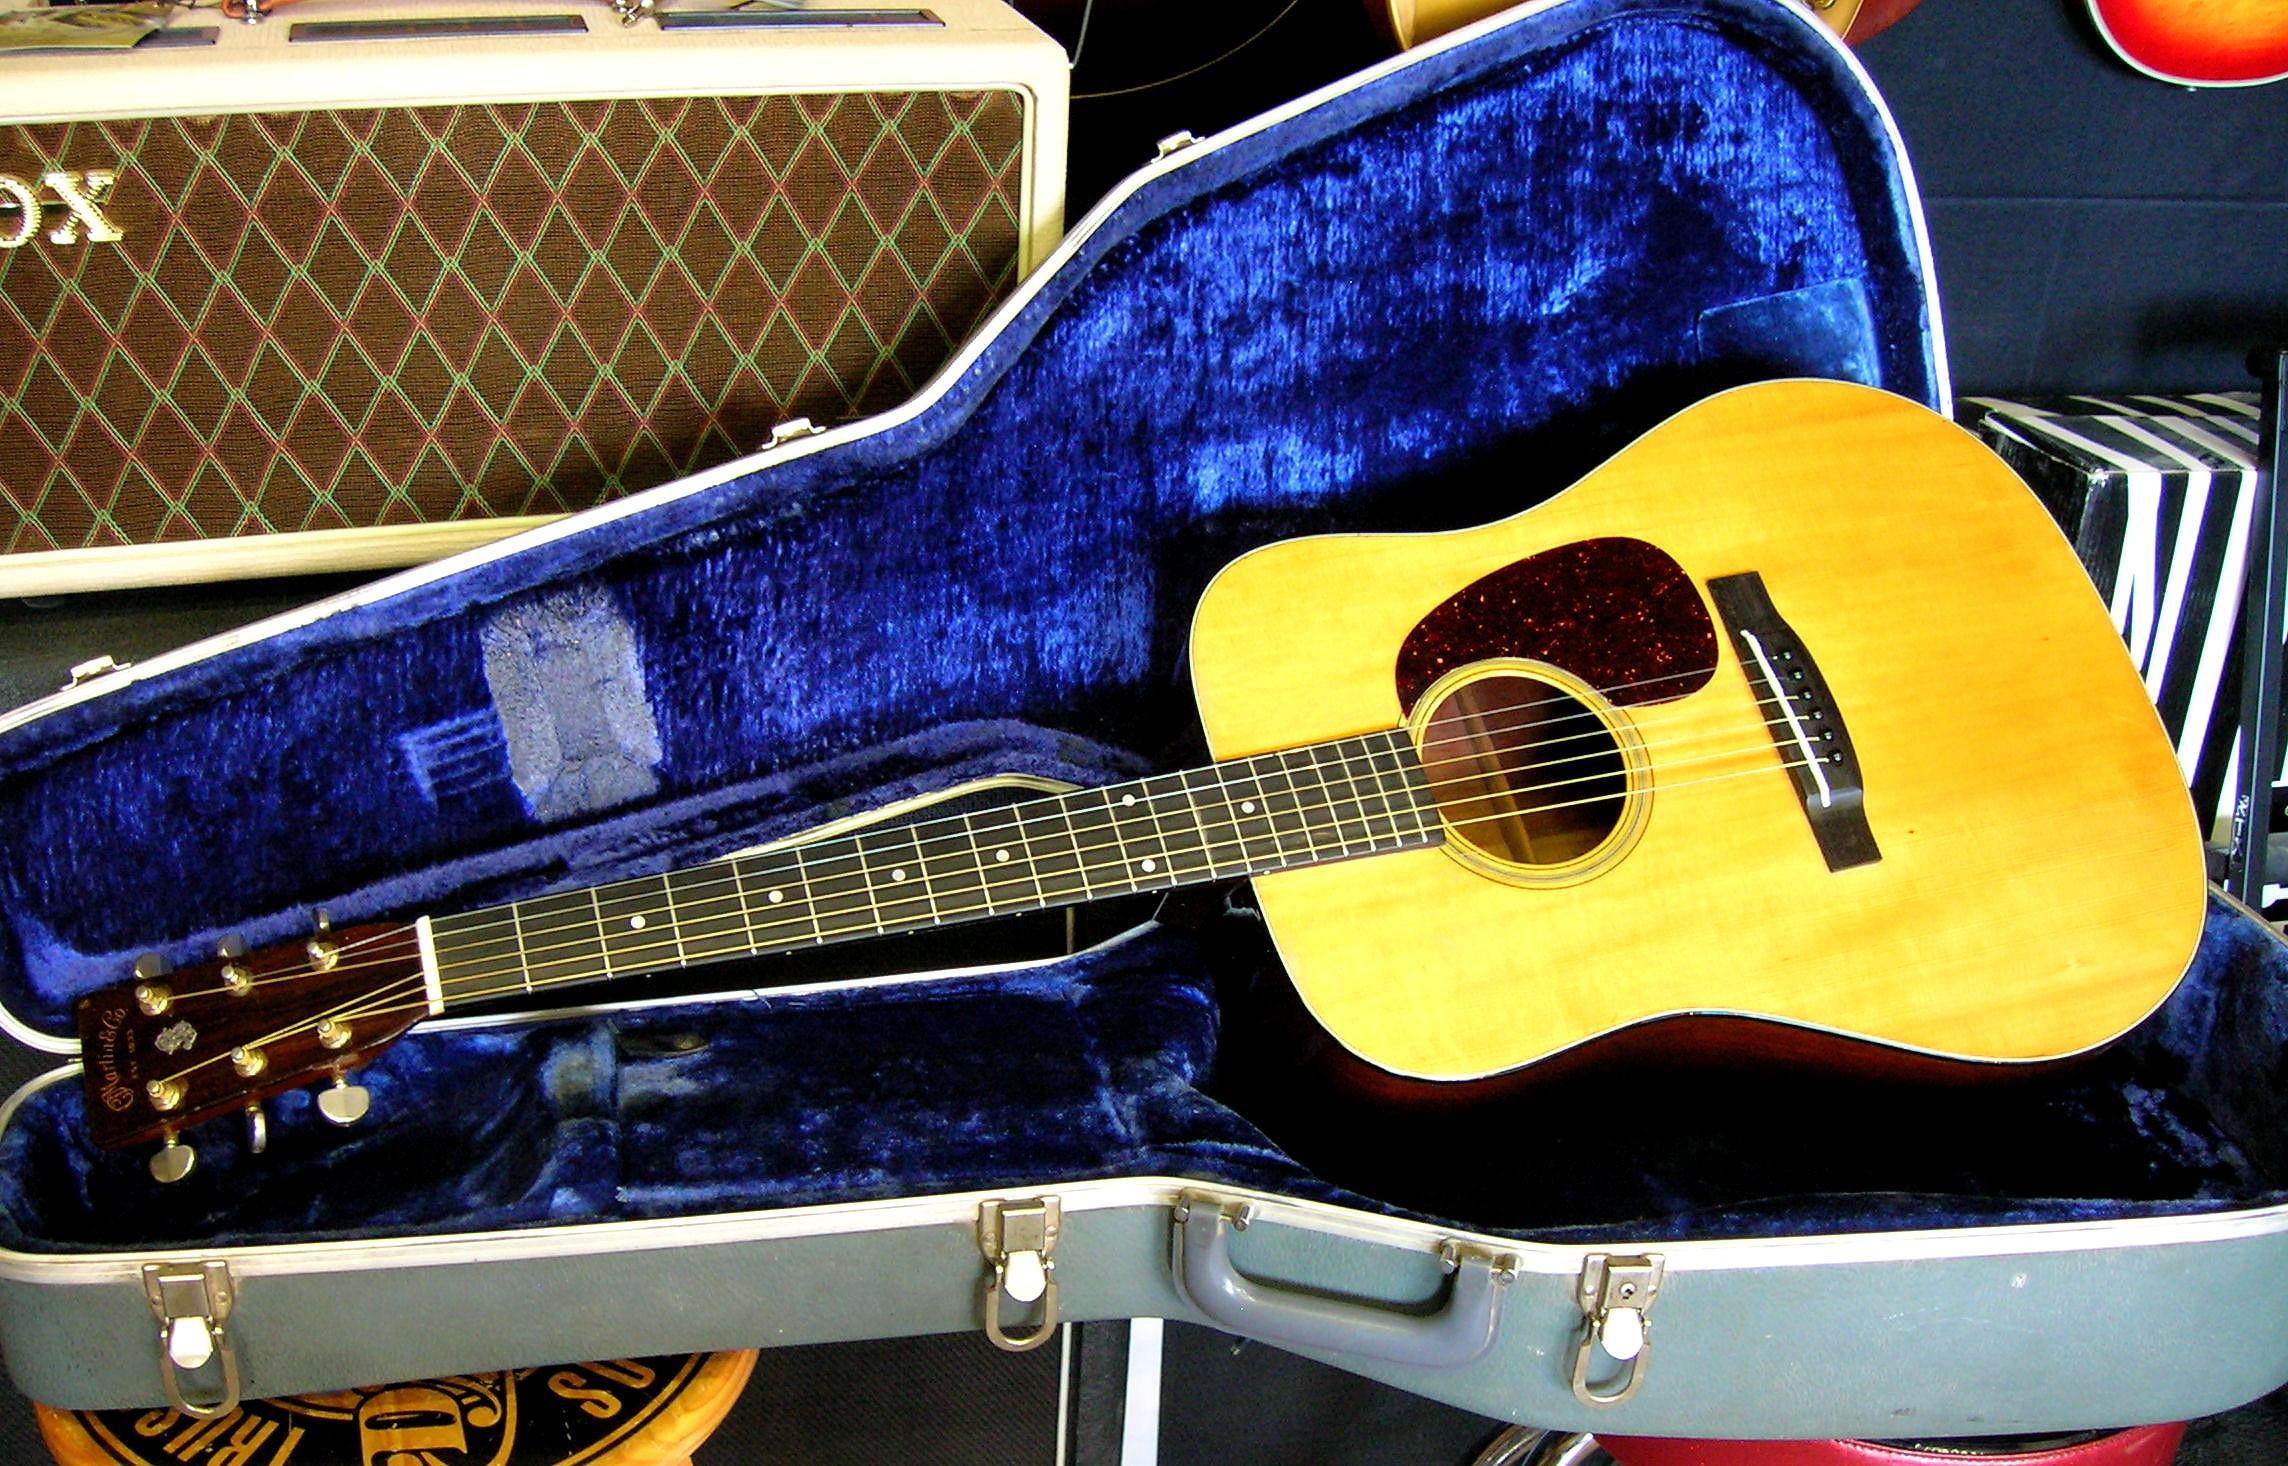 c f martin d 18 1935 natural guitar for sale guitar select. Black Bedroom Furniture Sets. Home Design Ideas